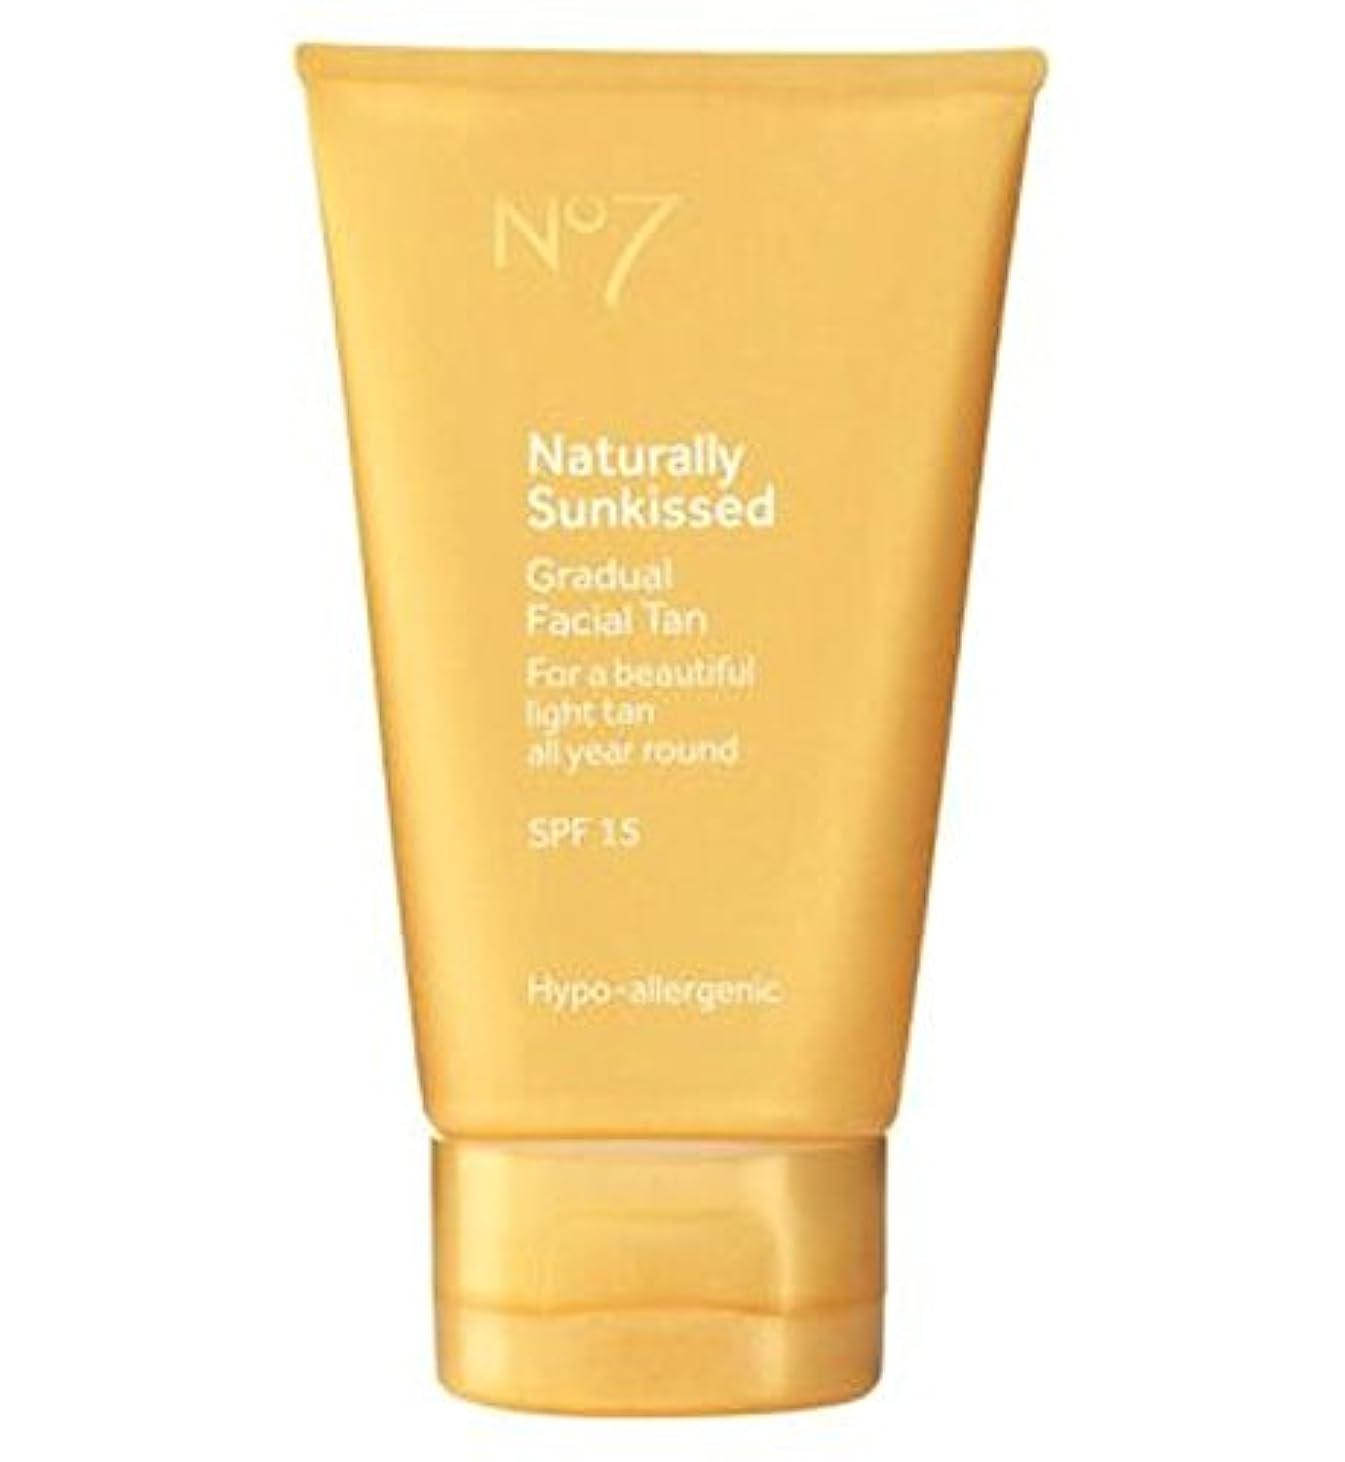 大胆なラウンジケニアNo7 Naturally Sun Kissed Gradual Face Tan SP15 - No7は自然に太陽が緩やかな顔日焼けSp15にキスをしました (No7) [並行輸入品]